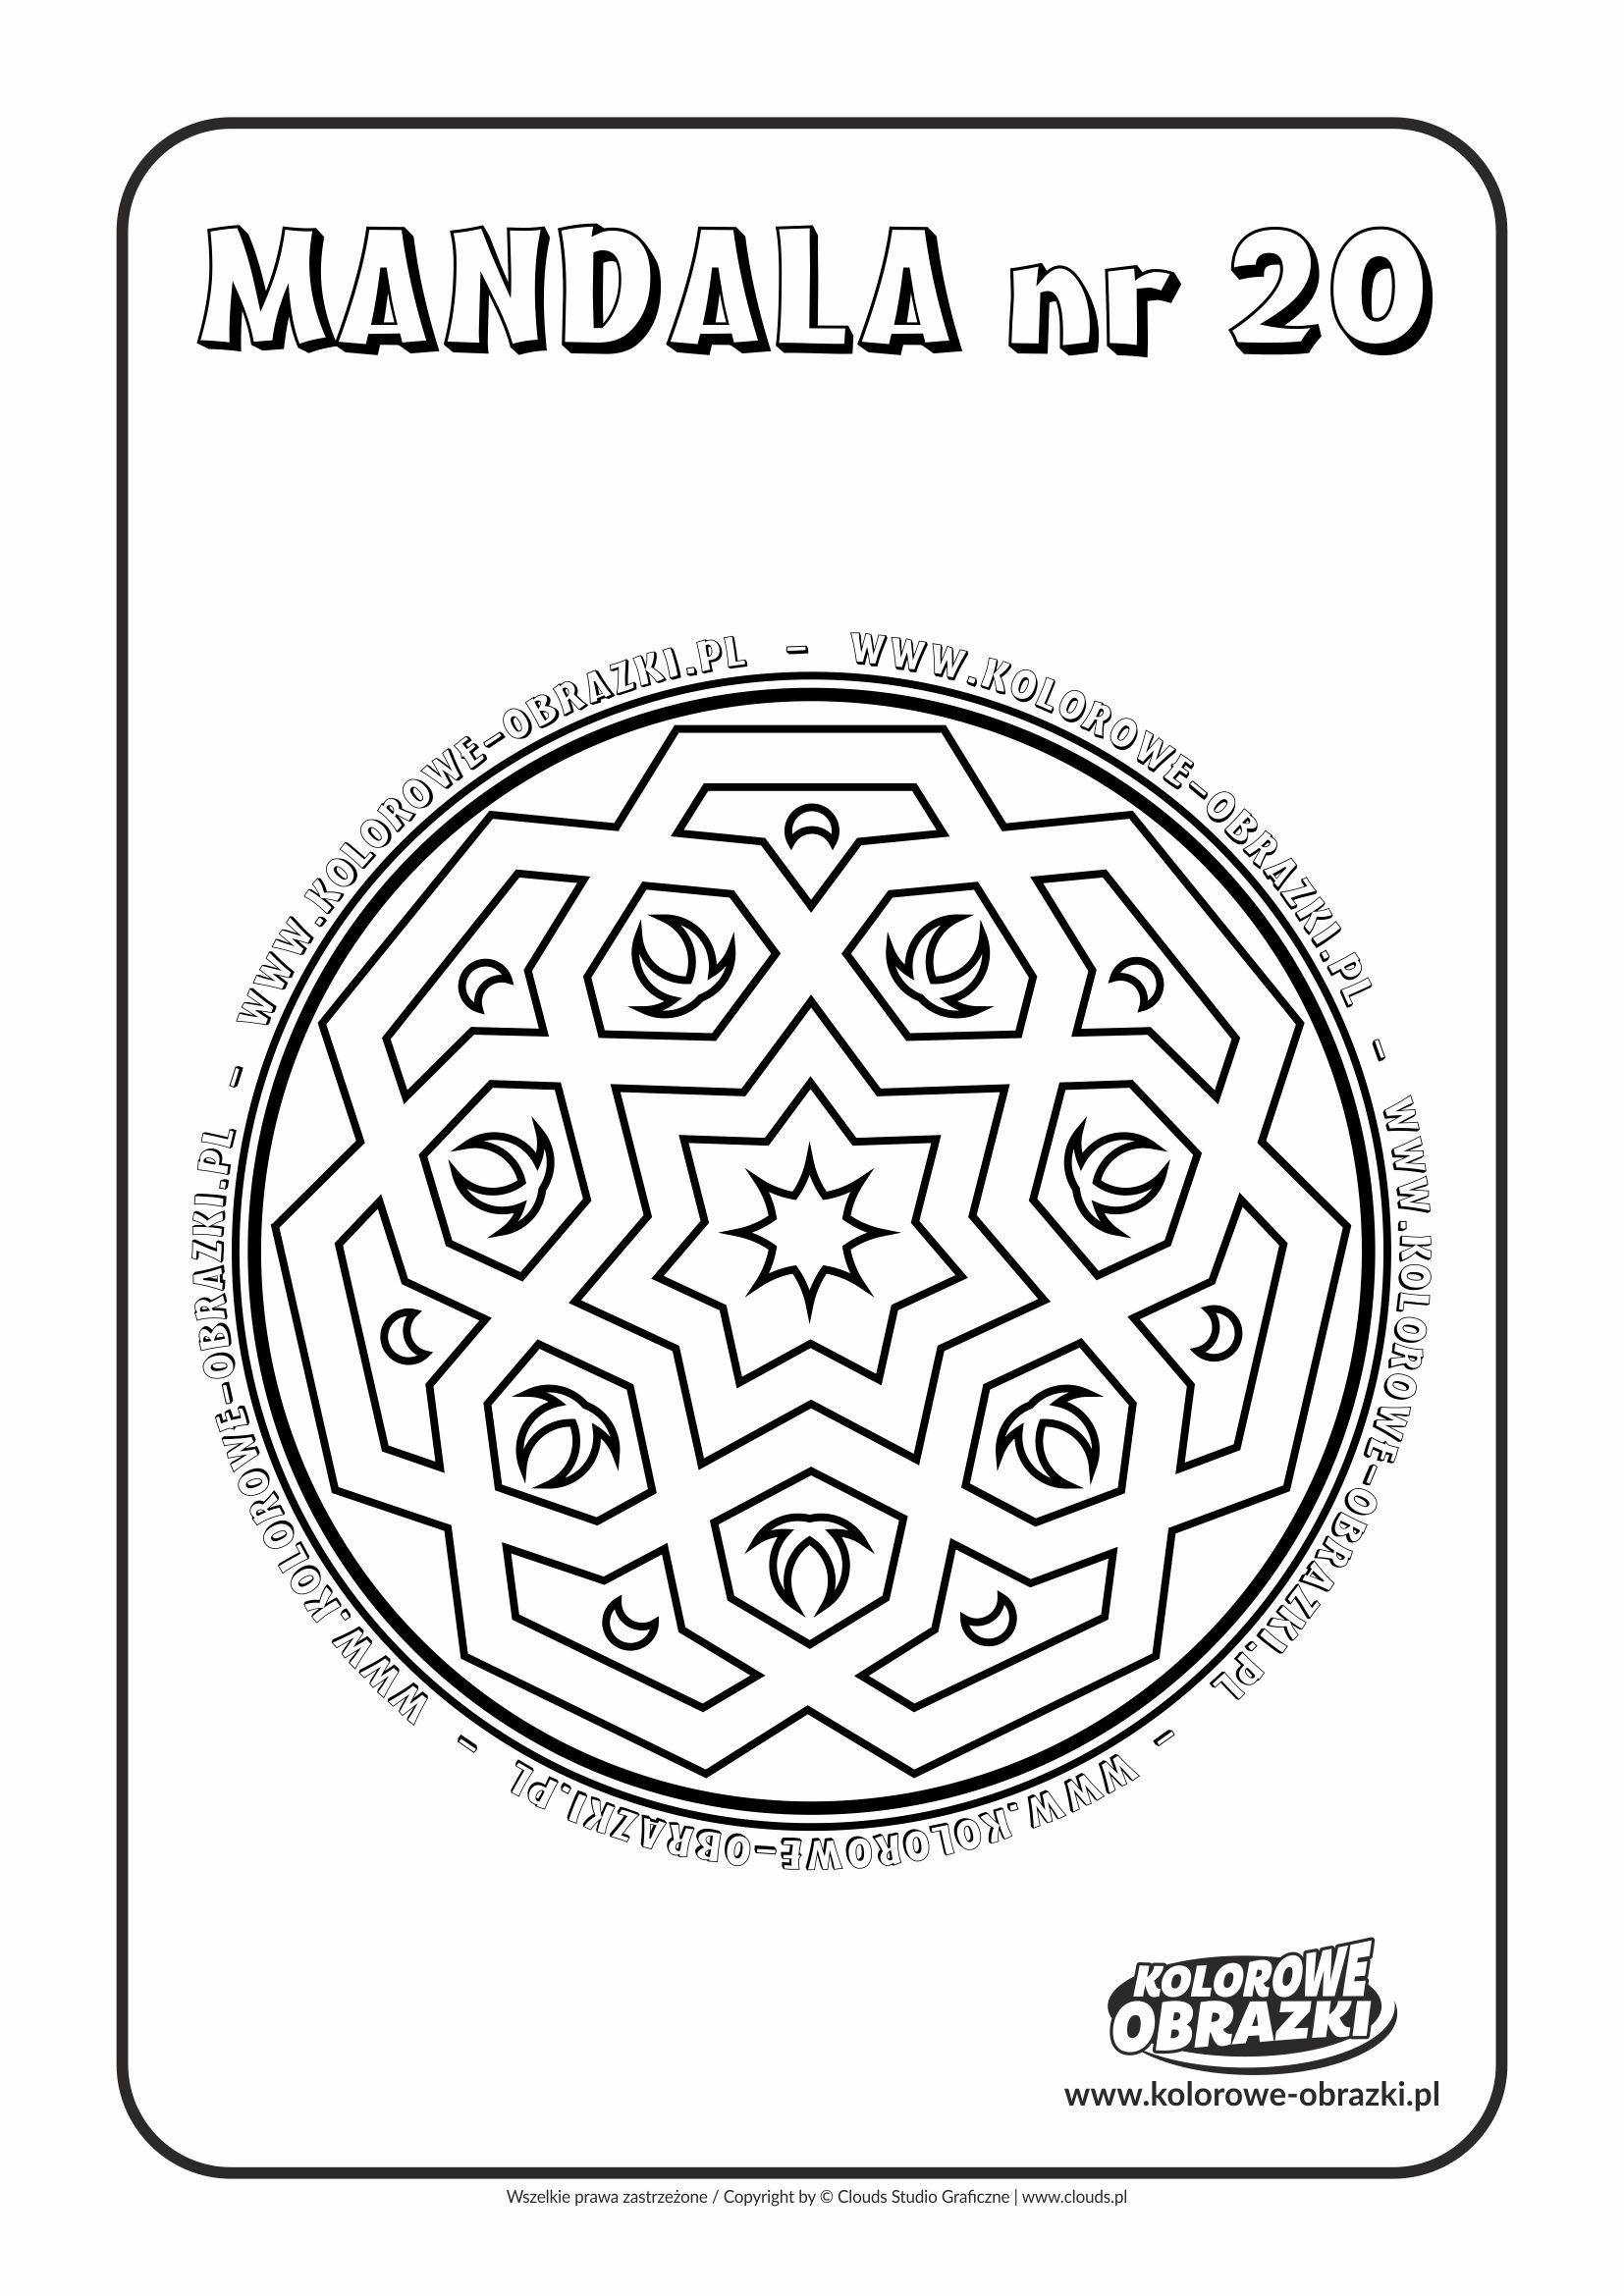 Kolorowanki dla dzieci - Mandale / Mandala nr 20. Kolorowanka z mandalą